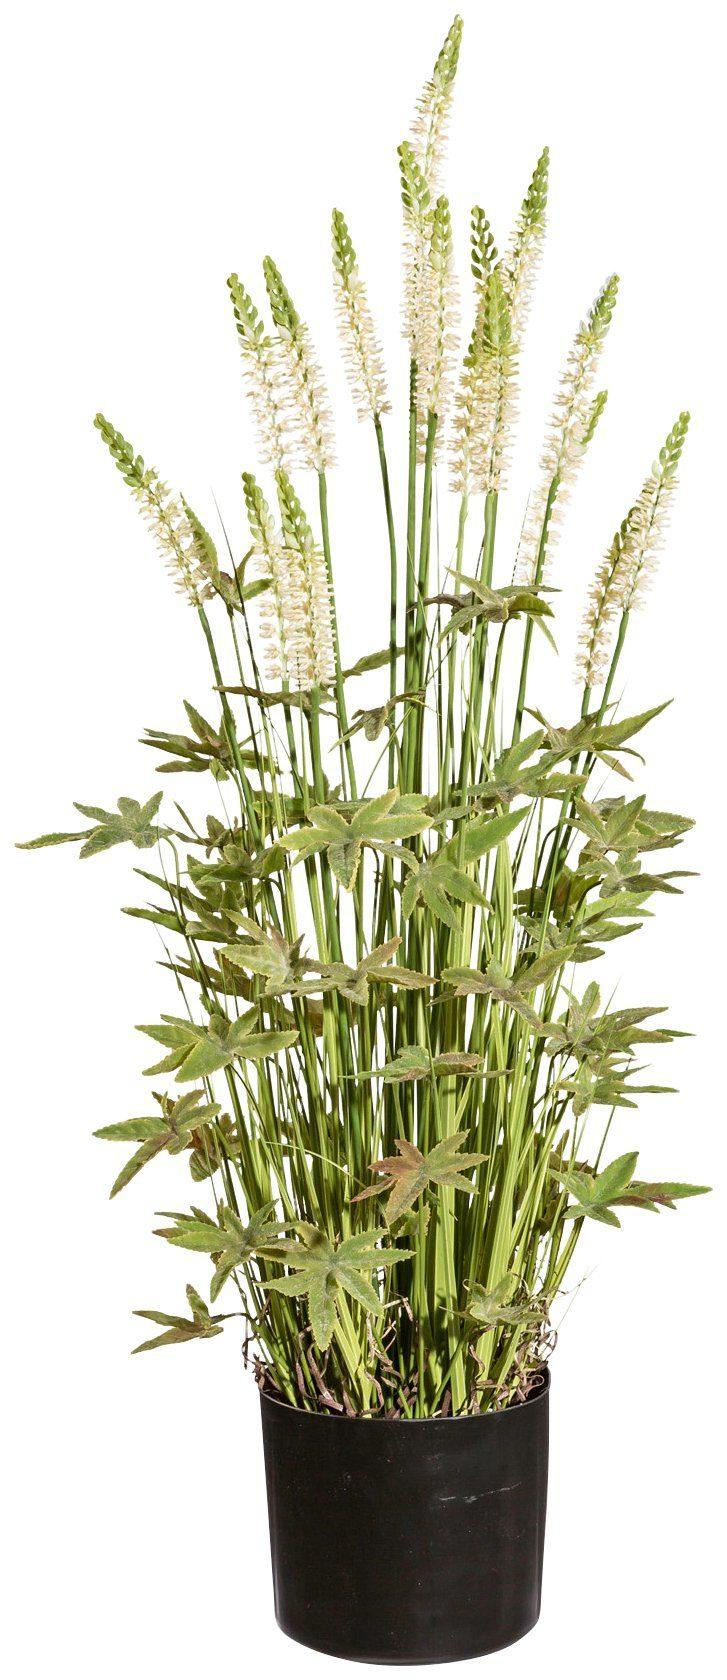 Kunstpflanze »Duftnesselbusch«, im Kunststofftopf, H: 75 cm, creme